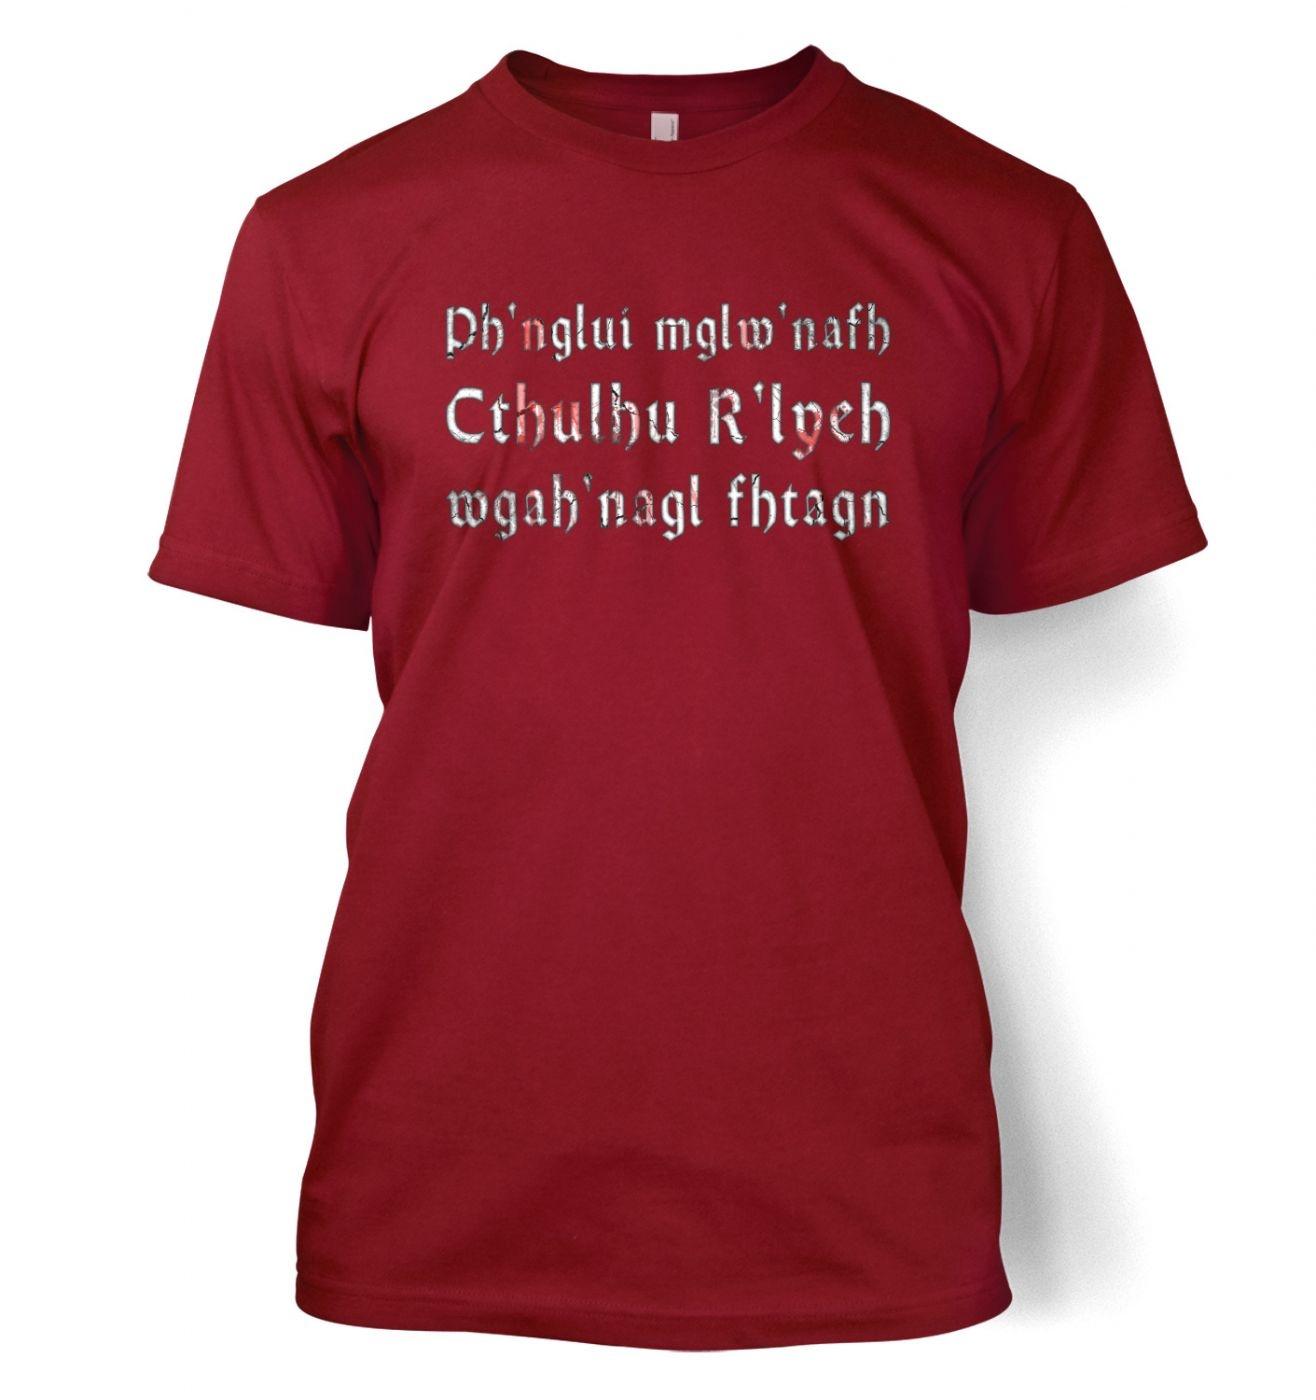 Ph'nglui Mglw'nafh Cthulhu R'lyeh Wgah'nagl Fhtagn t-shirt